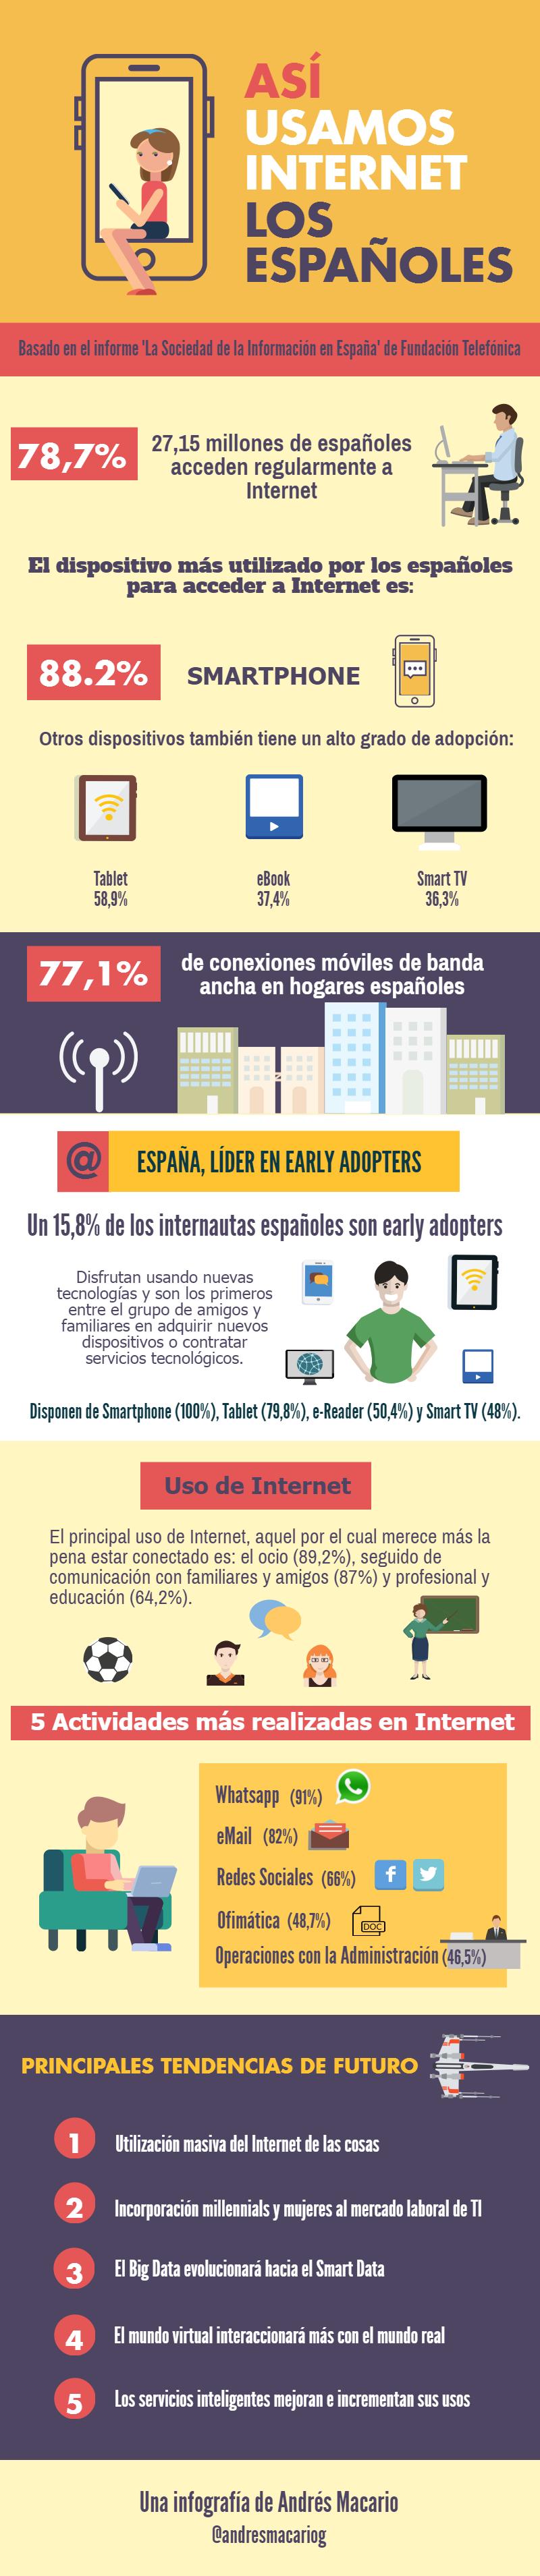 Así usamos Internet los Españoles #infografia #infographic